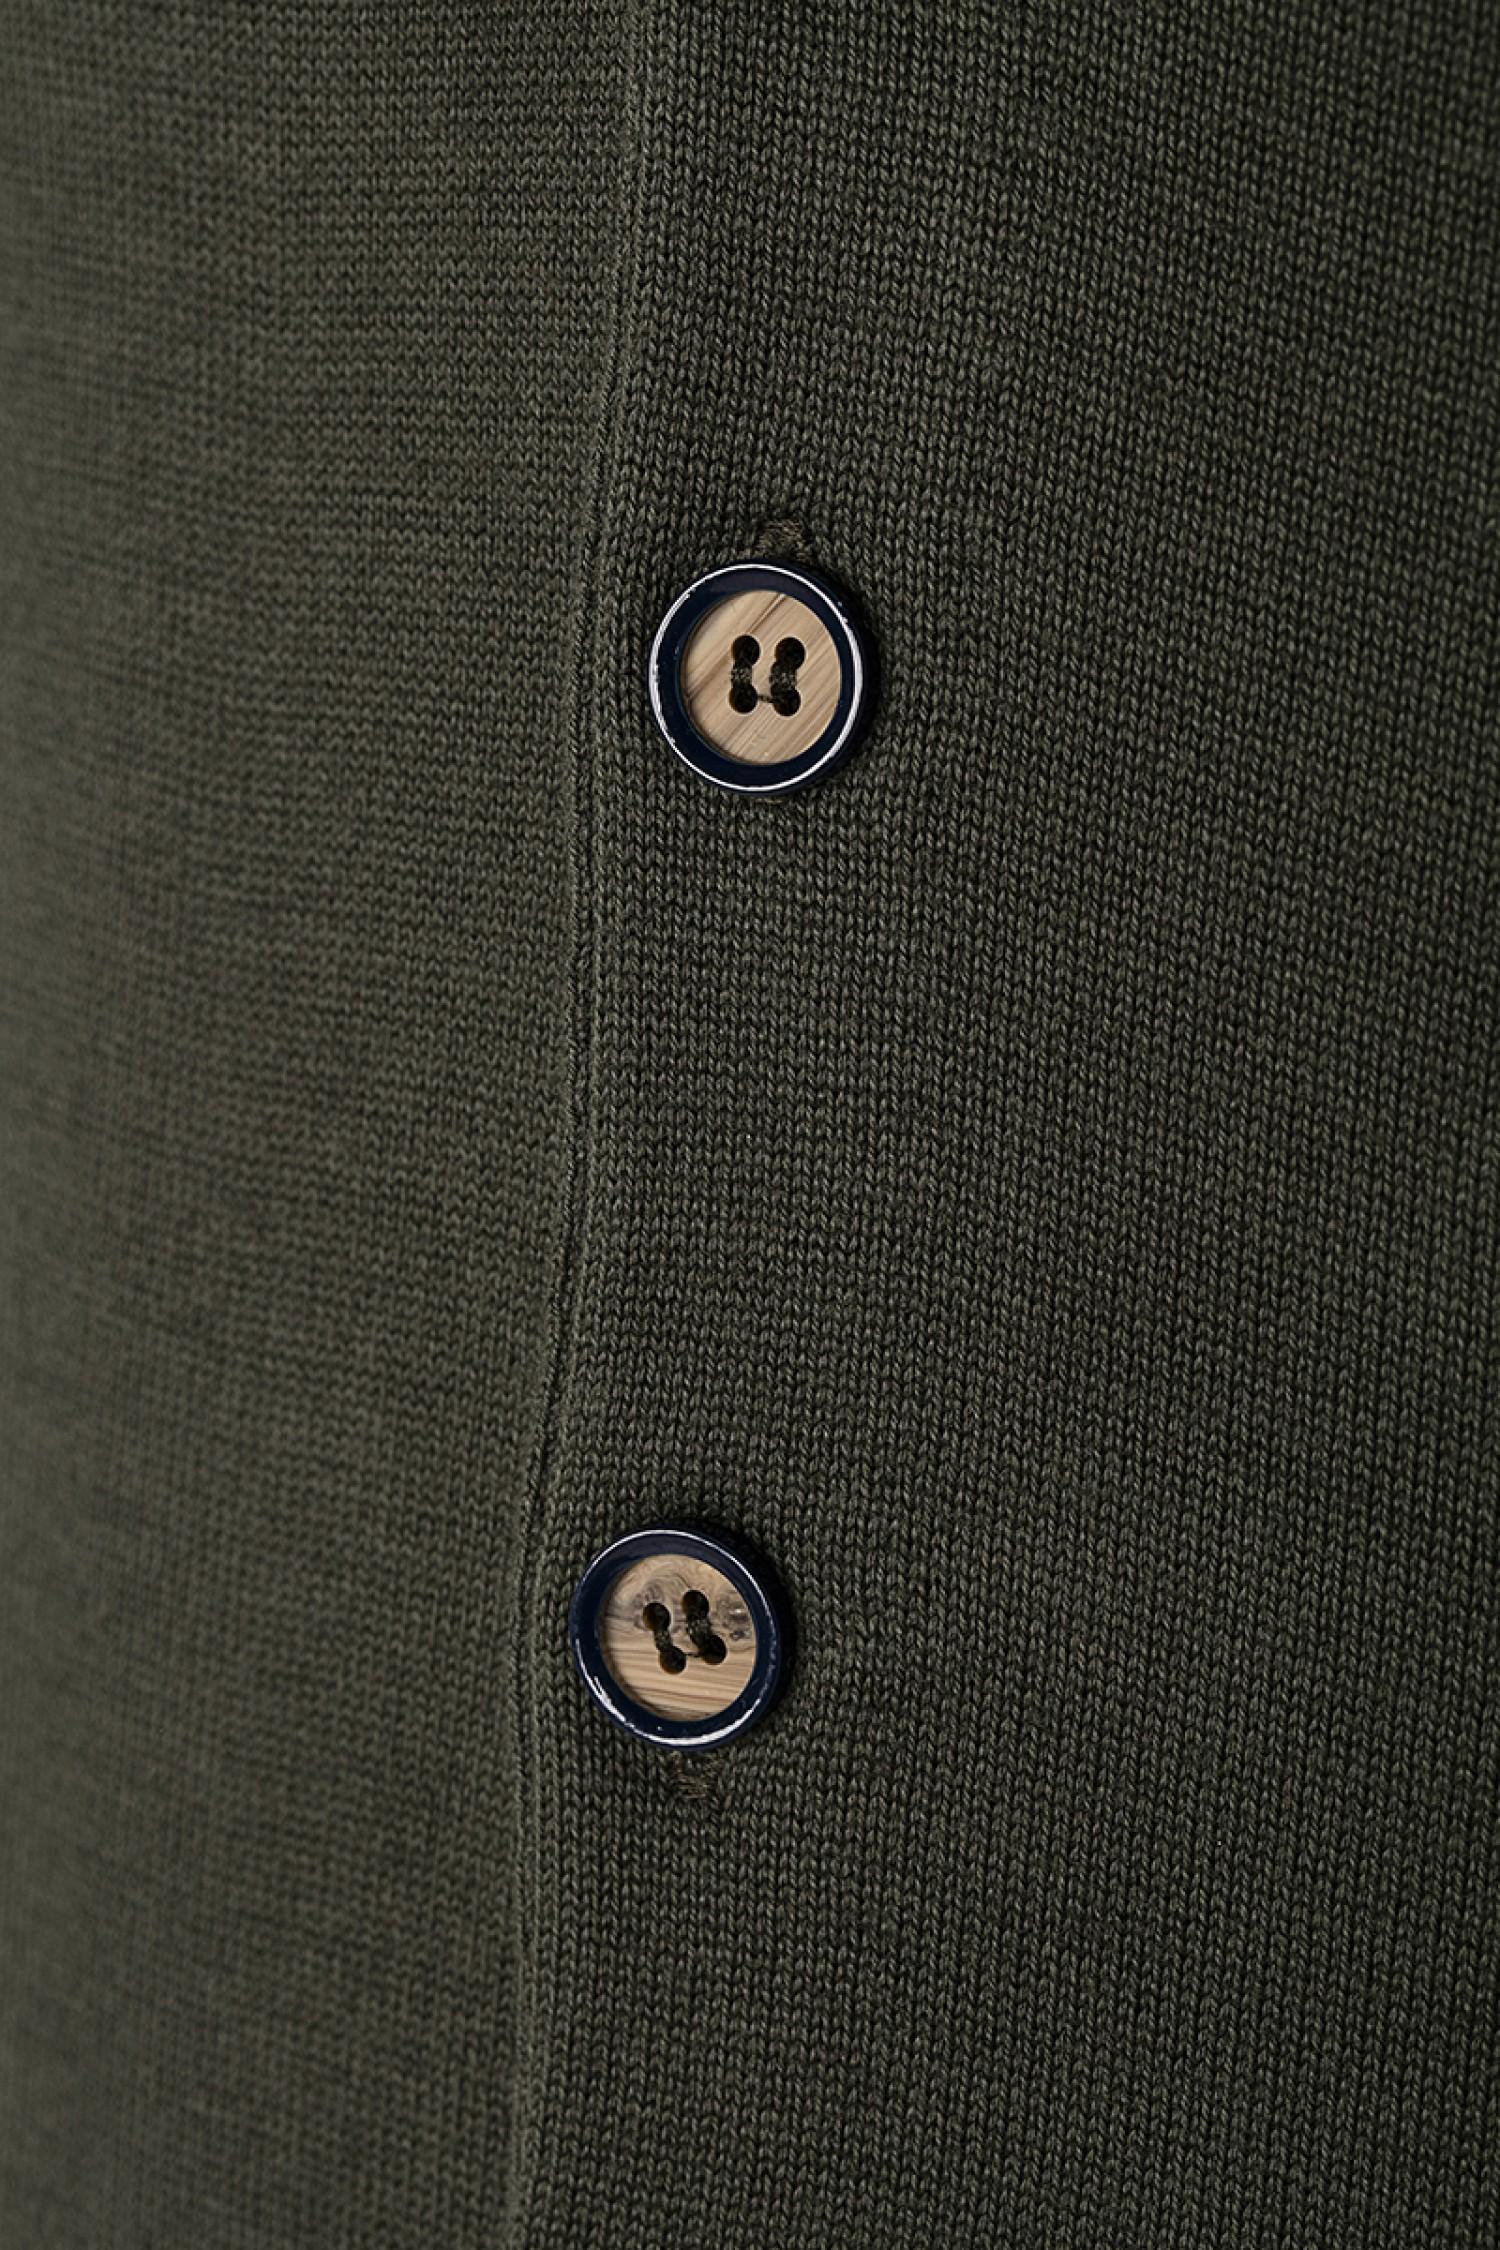 designer fashion c7b4f 70dff Herren Weste Tiefer V-Ausschnitt KHAKI Baumwoll - Denim Culture